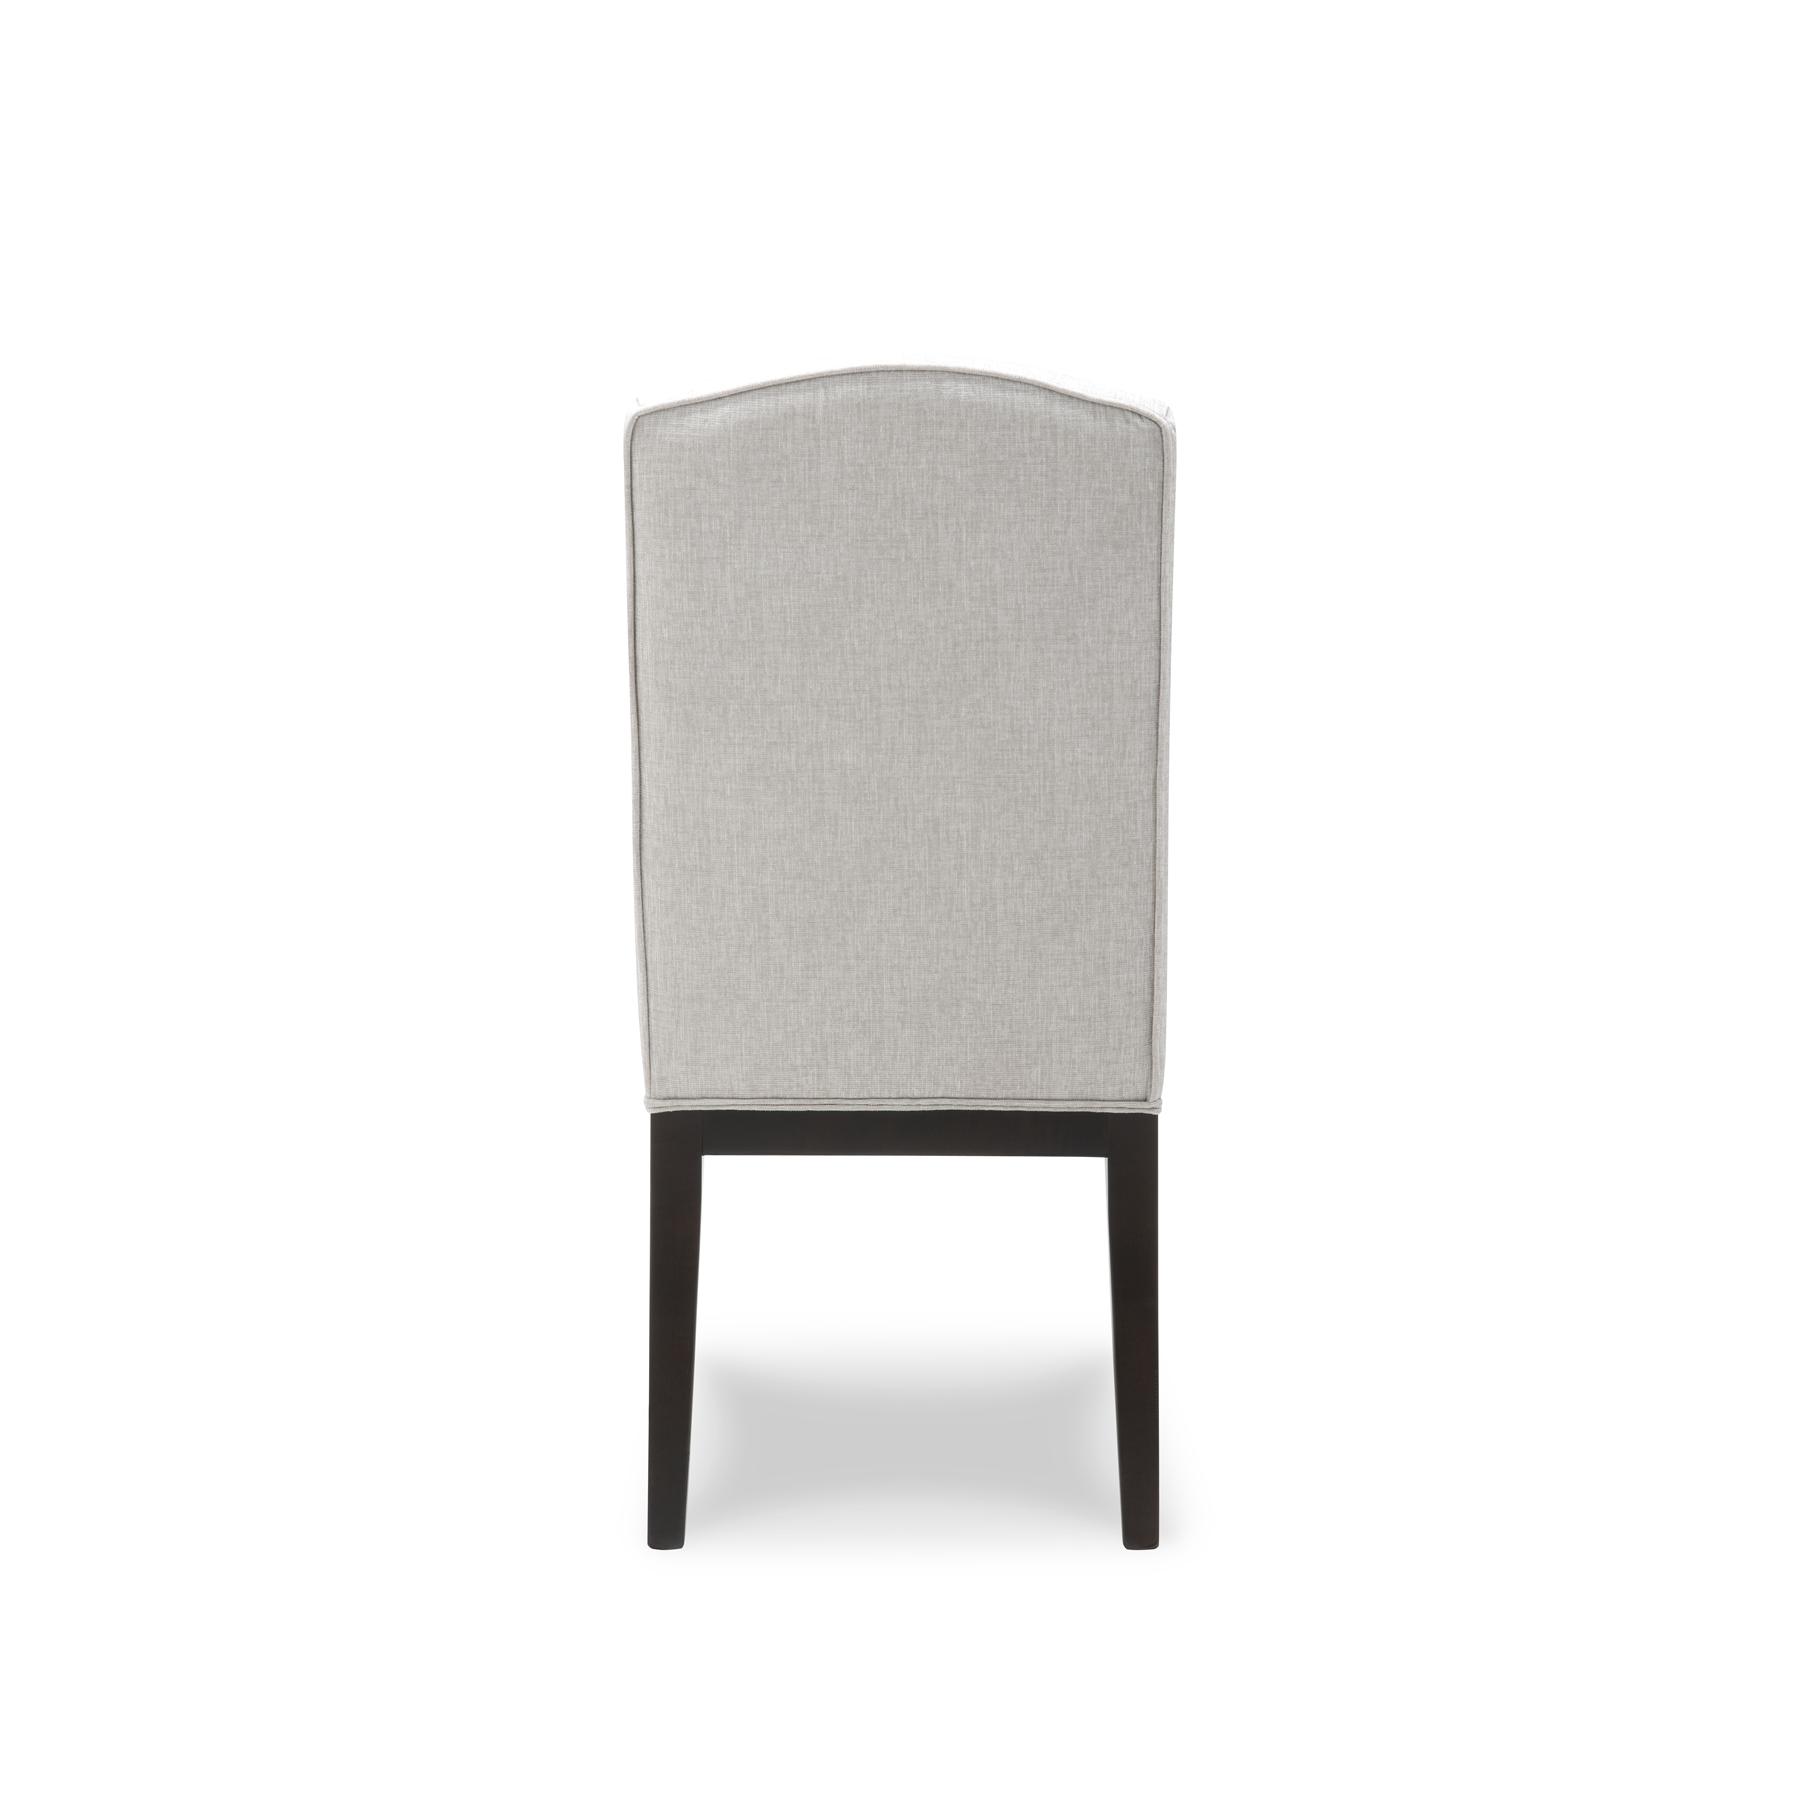 Stewart-Chair-B-PROOF-1-1.jpg